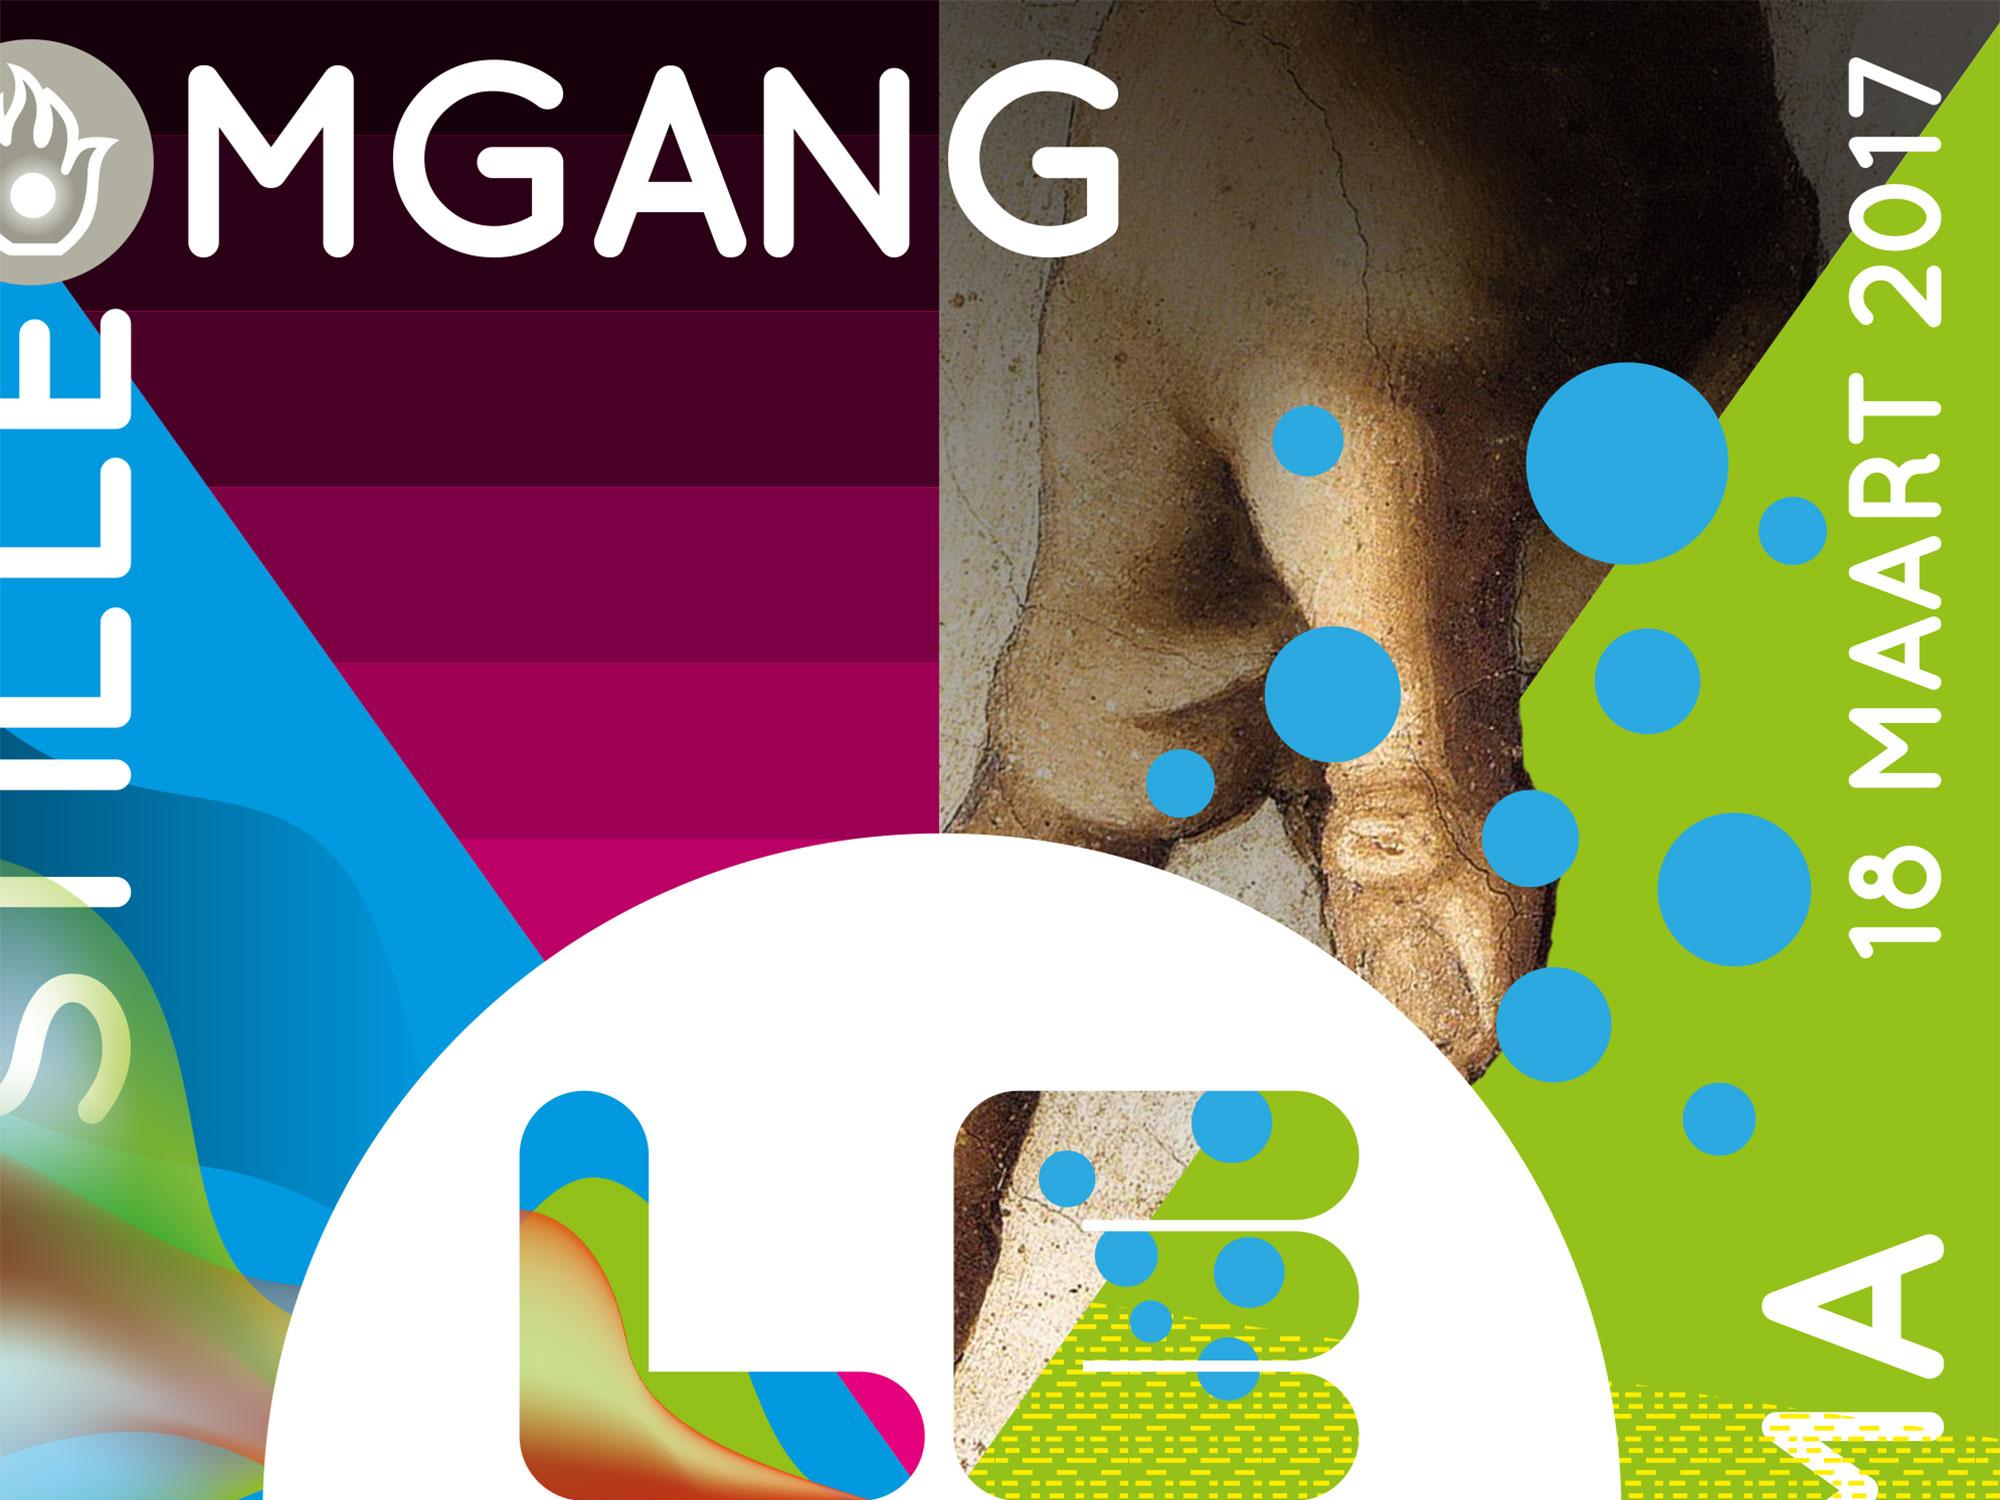 Stille-Omgang17-affiche-detail